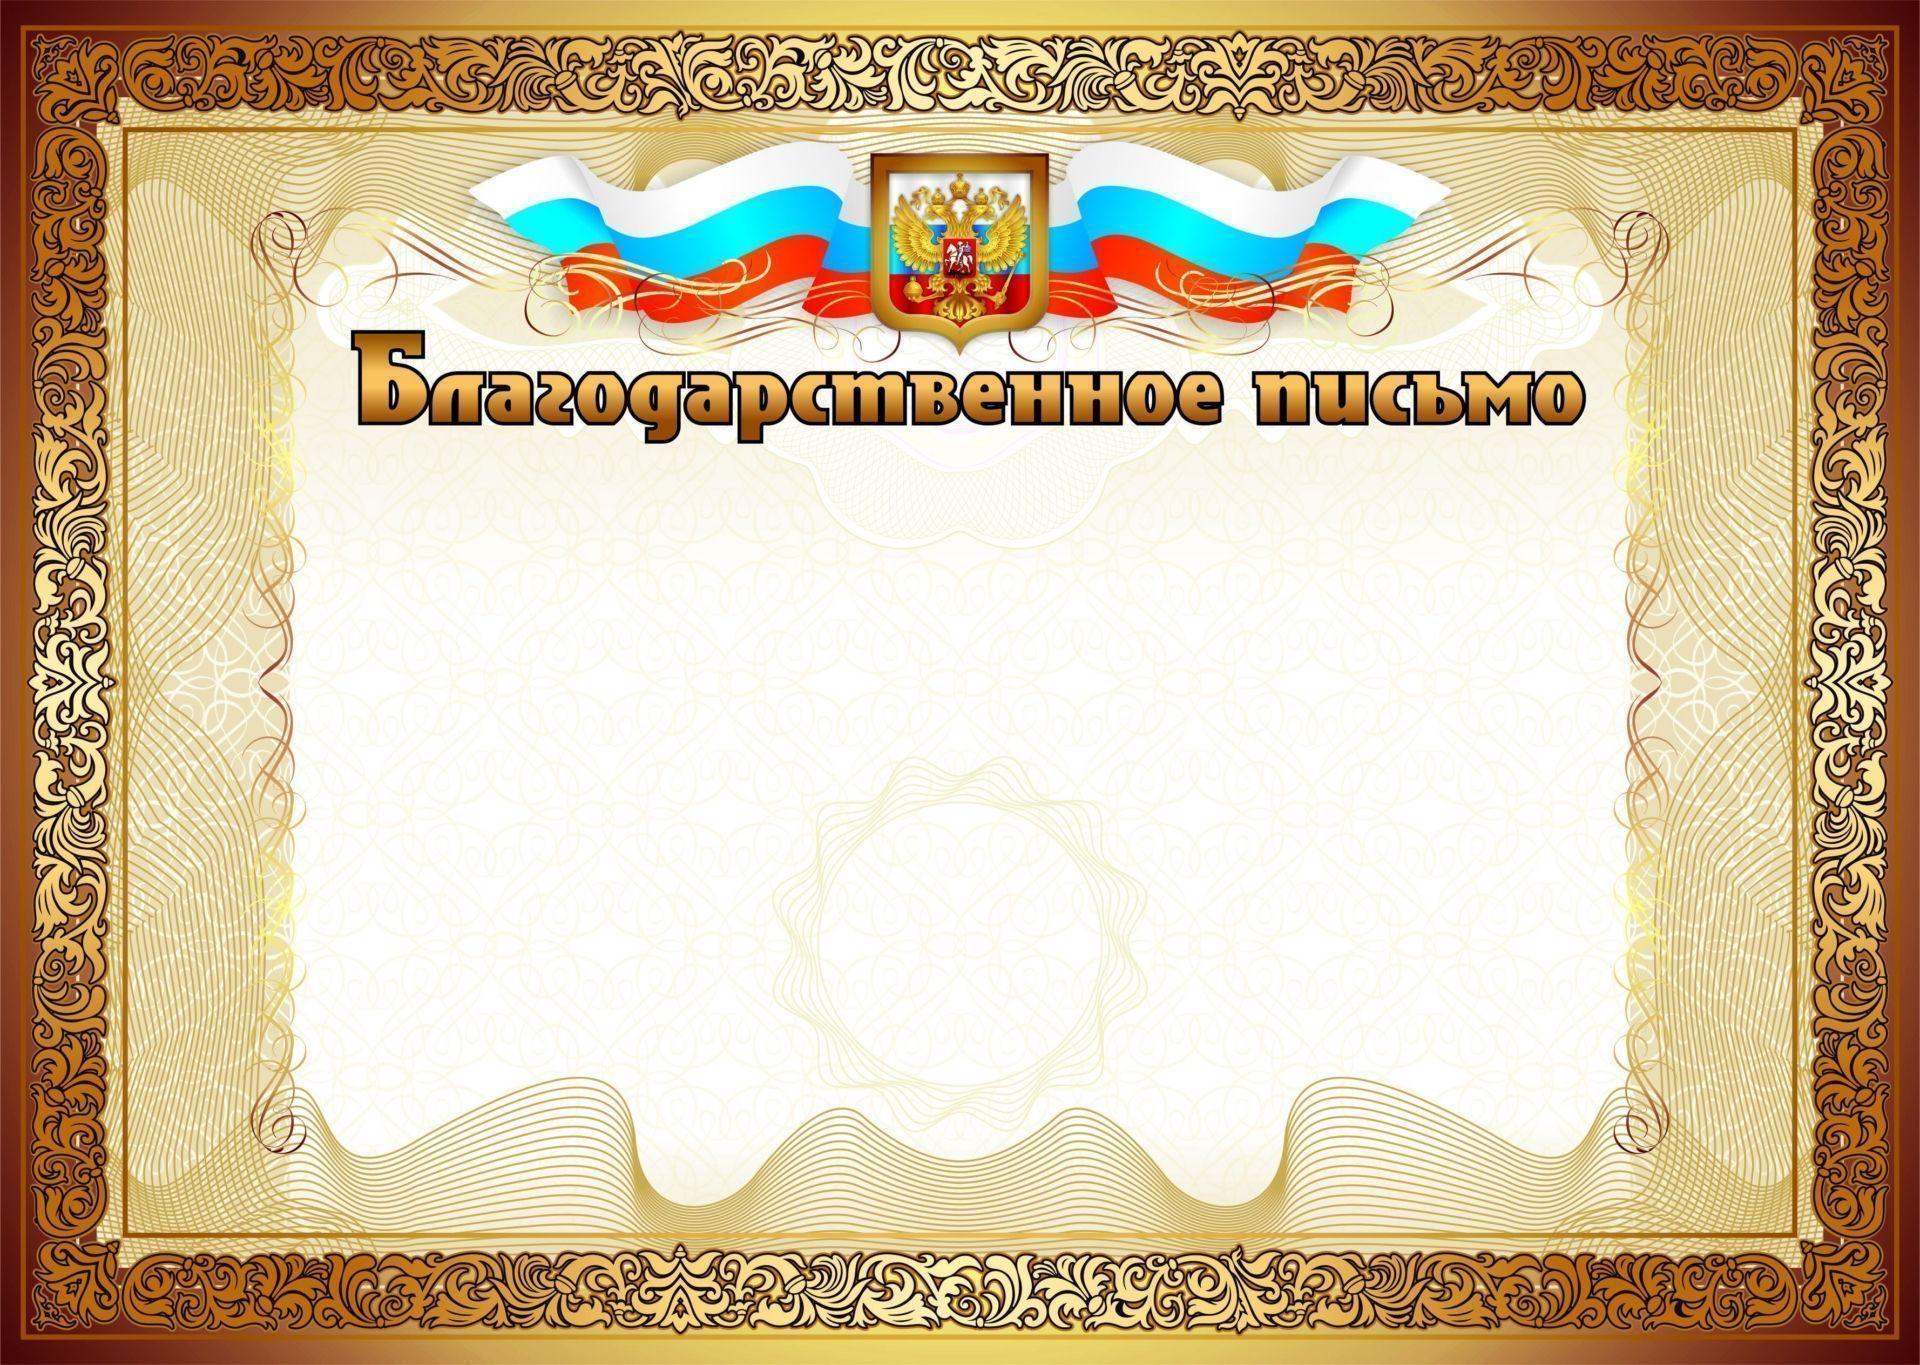 Благодарственное письмо (с гербом и флагом, горизонтальное)